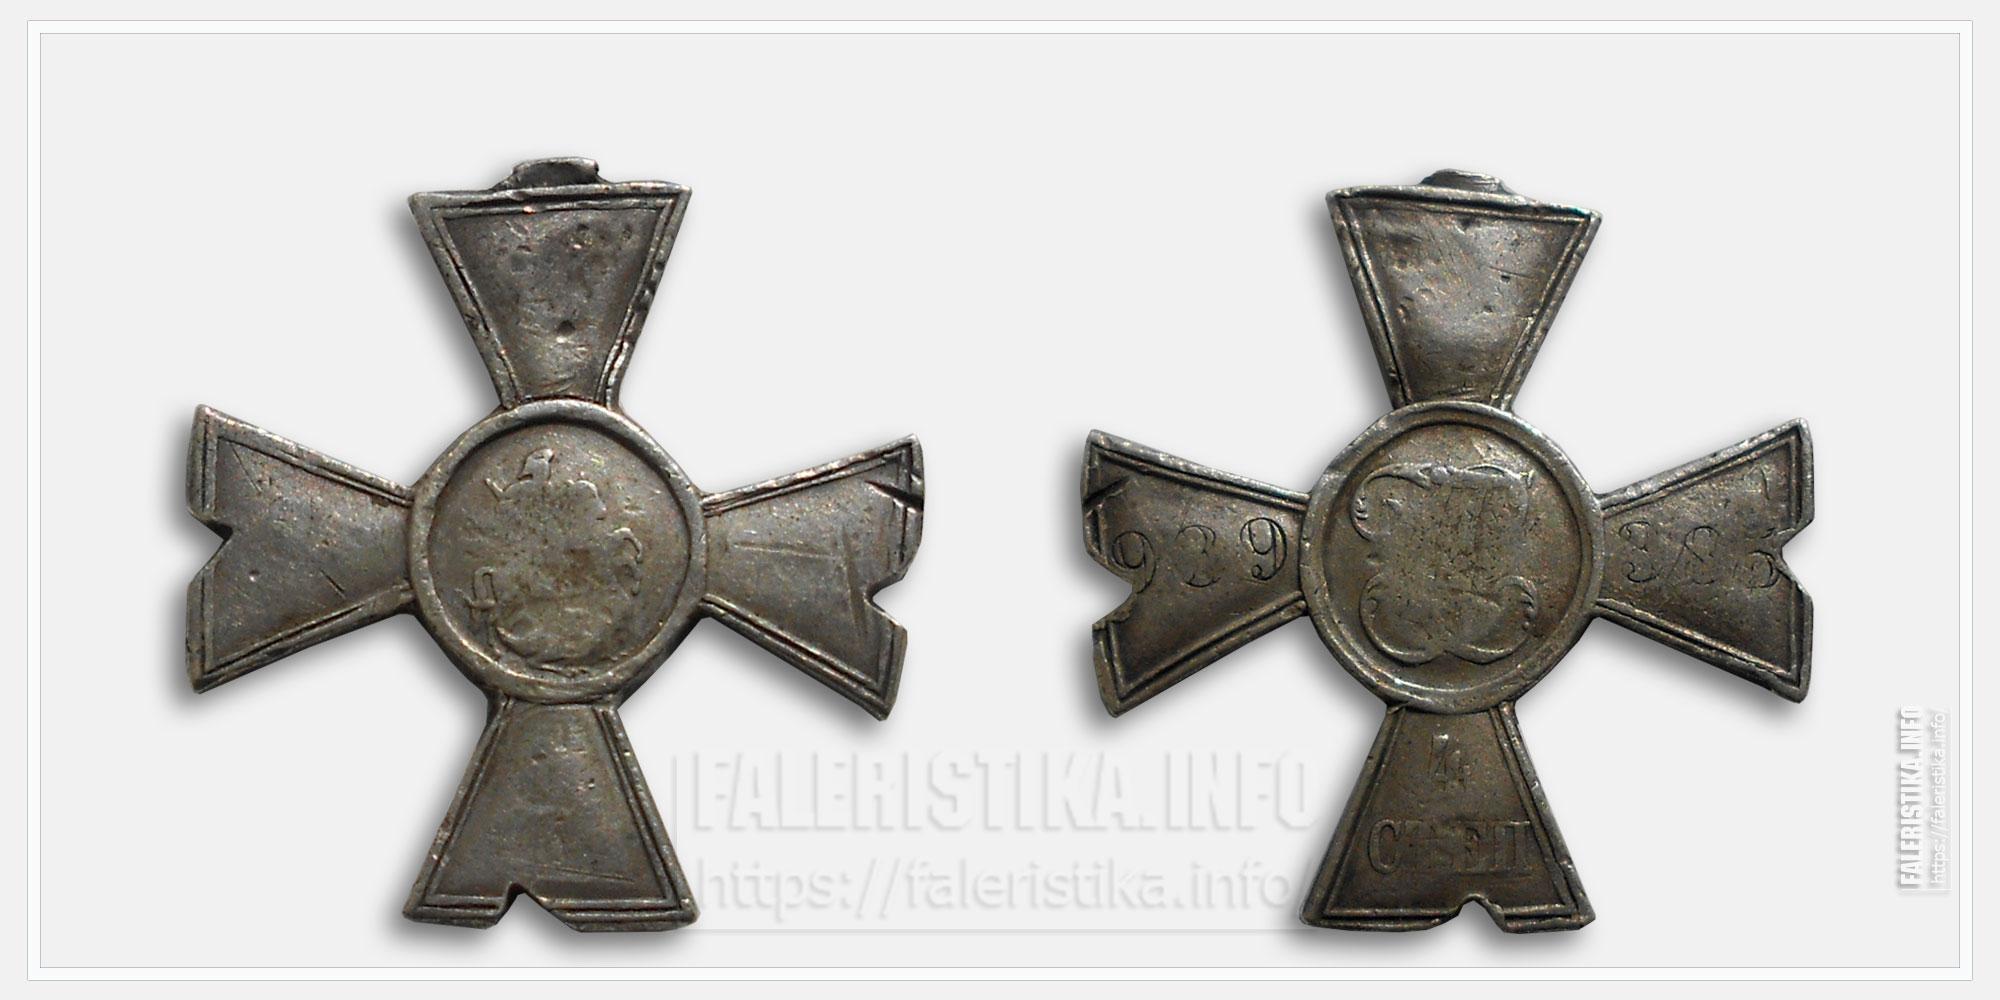 Георгиевский крест 4 ст. №939385 с повреждениями